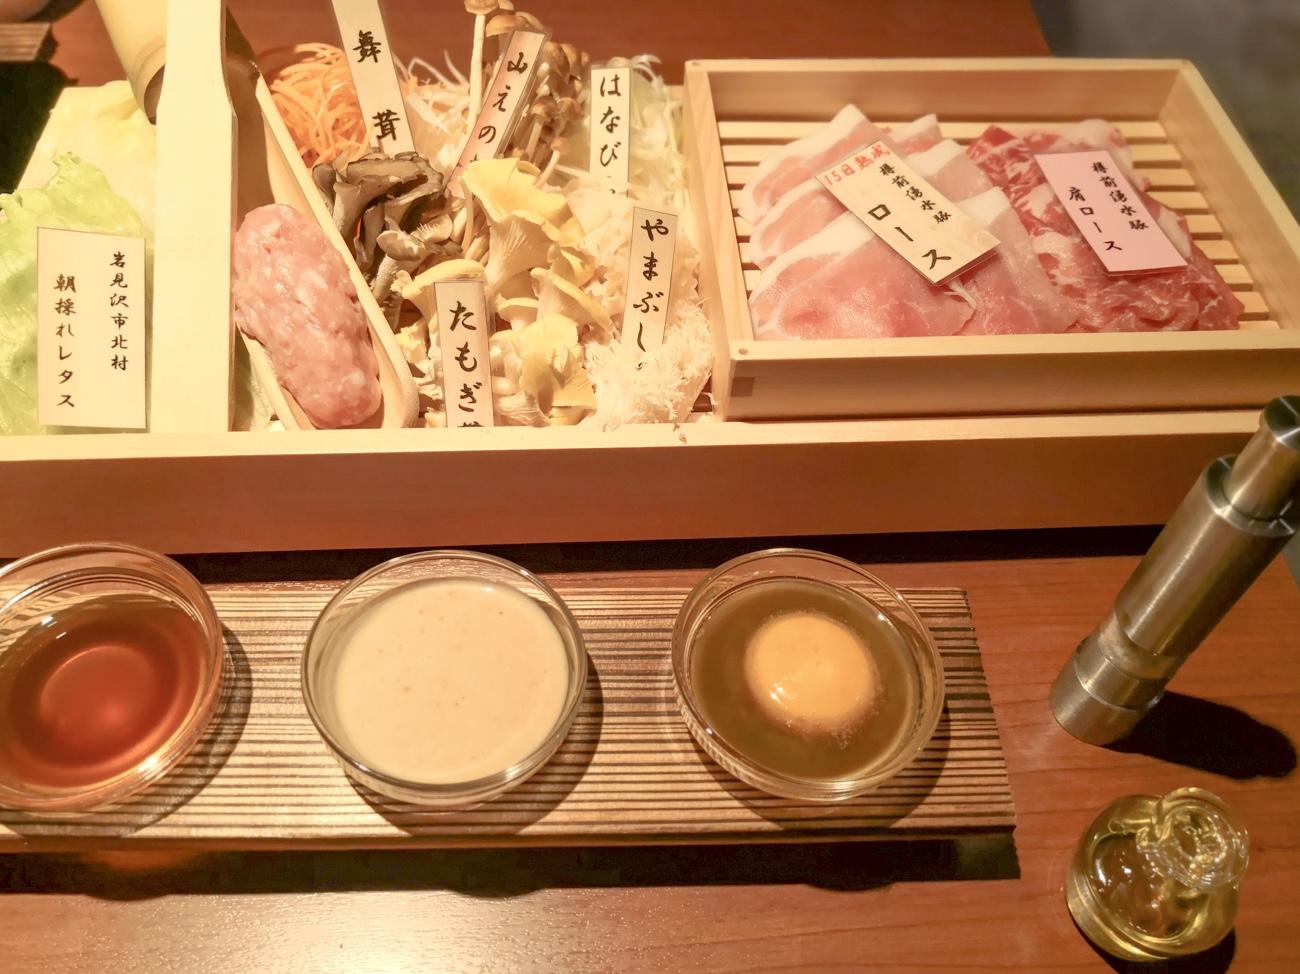 豚しゃぶ 札幌 しゃぶしゃぶ八木ランチ